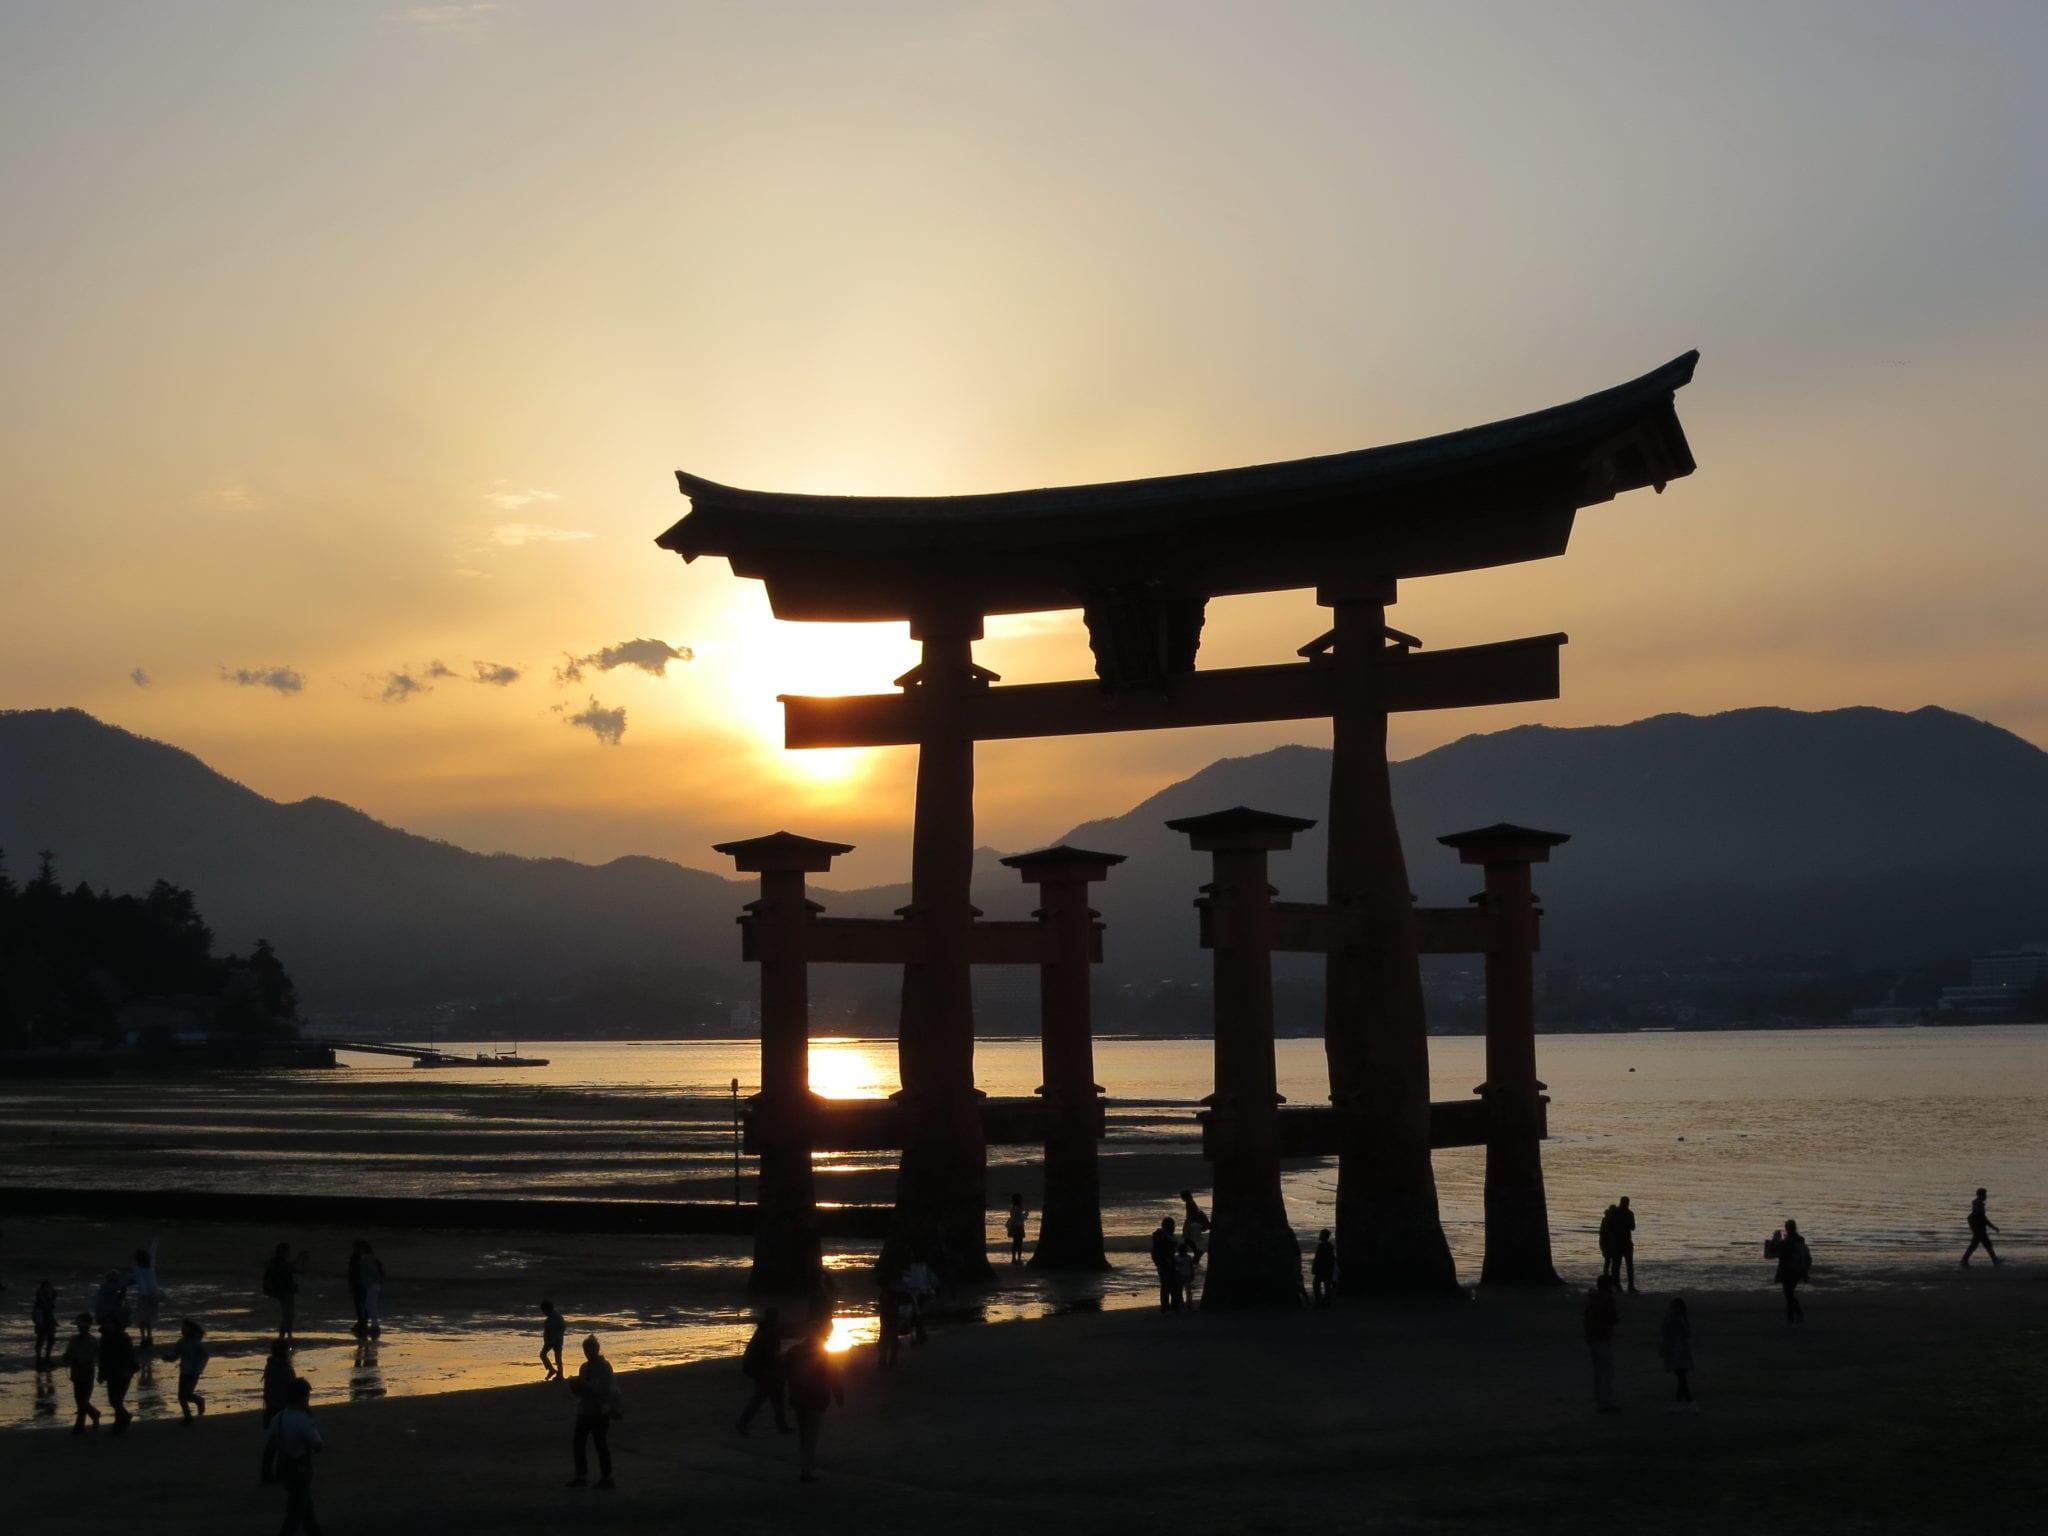 เที่ยวญี่ปุ่น ที่เที่ยวญี่ปุ่น ฮิโรชิมา miyajima